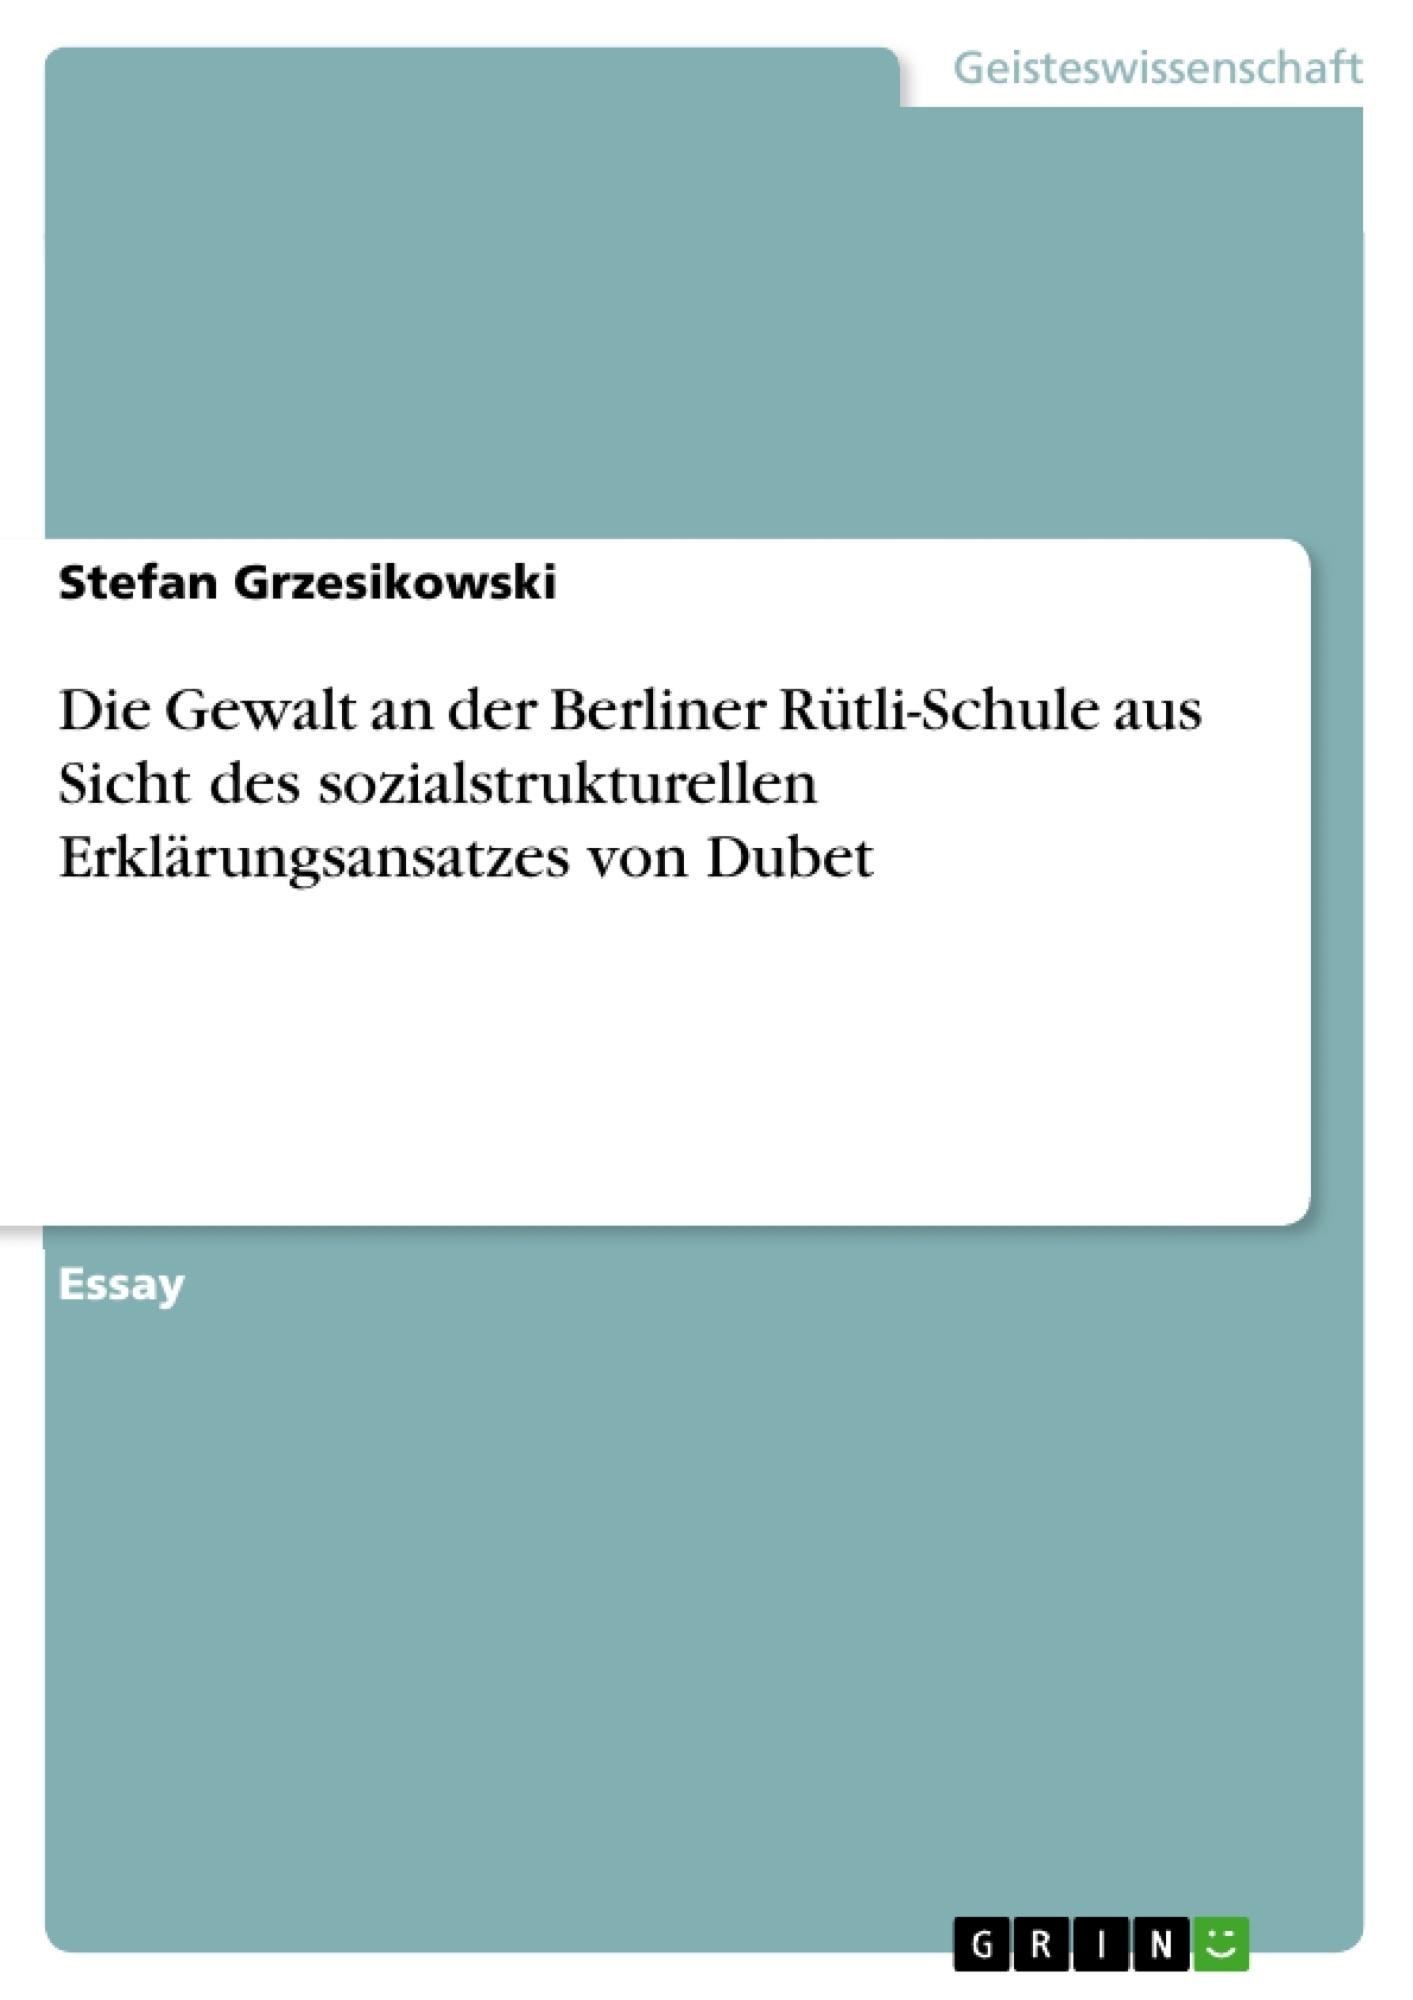 Titel: Die Gewalt an der Berliner Rütli-Schule aus Sicht des sozialstrukturellen Erklärungsansatzes von Dubet